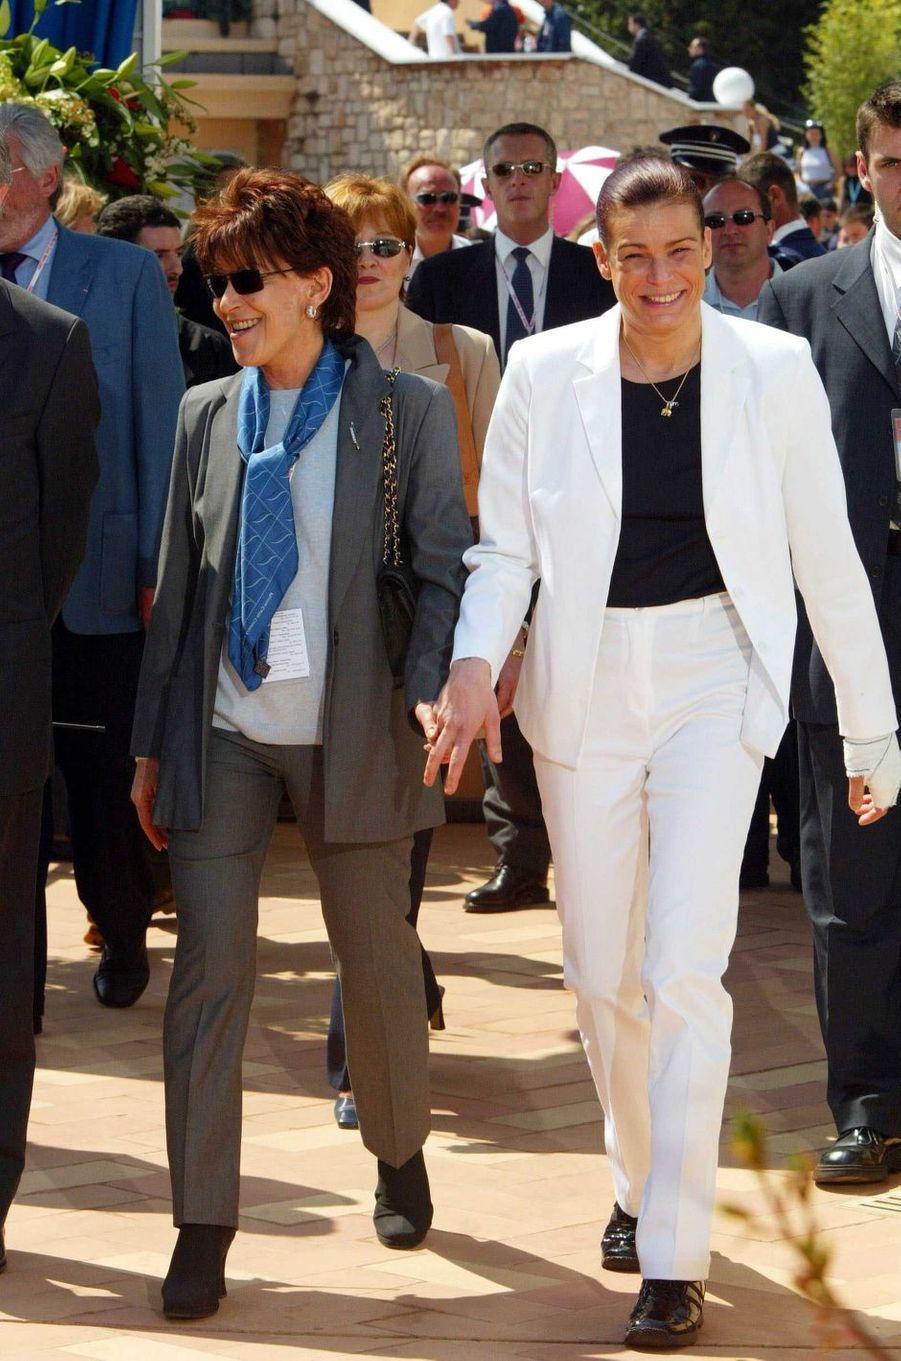 Elizabeth-Ann de Massy avec cousine et filleule la princesse Stéphanie de Monaco, le 28 mars 2003